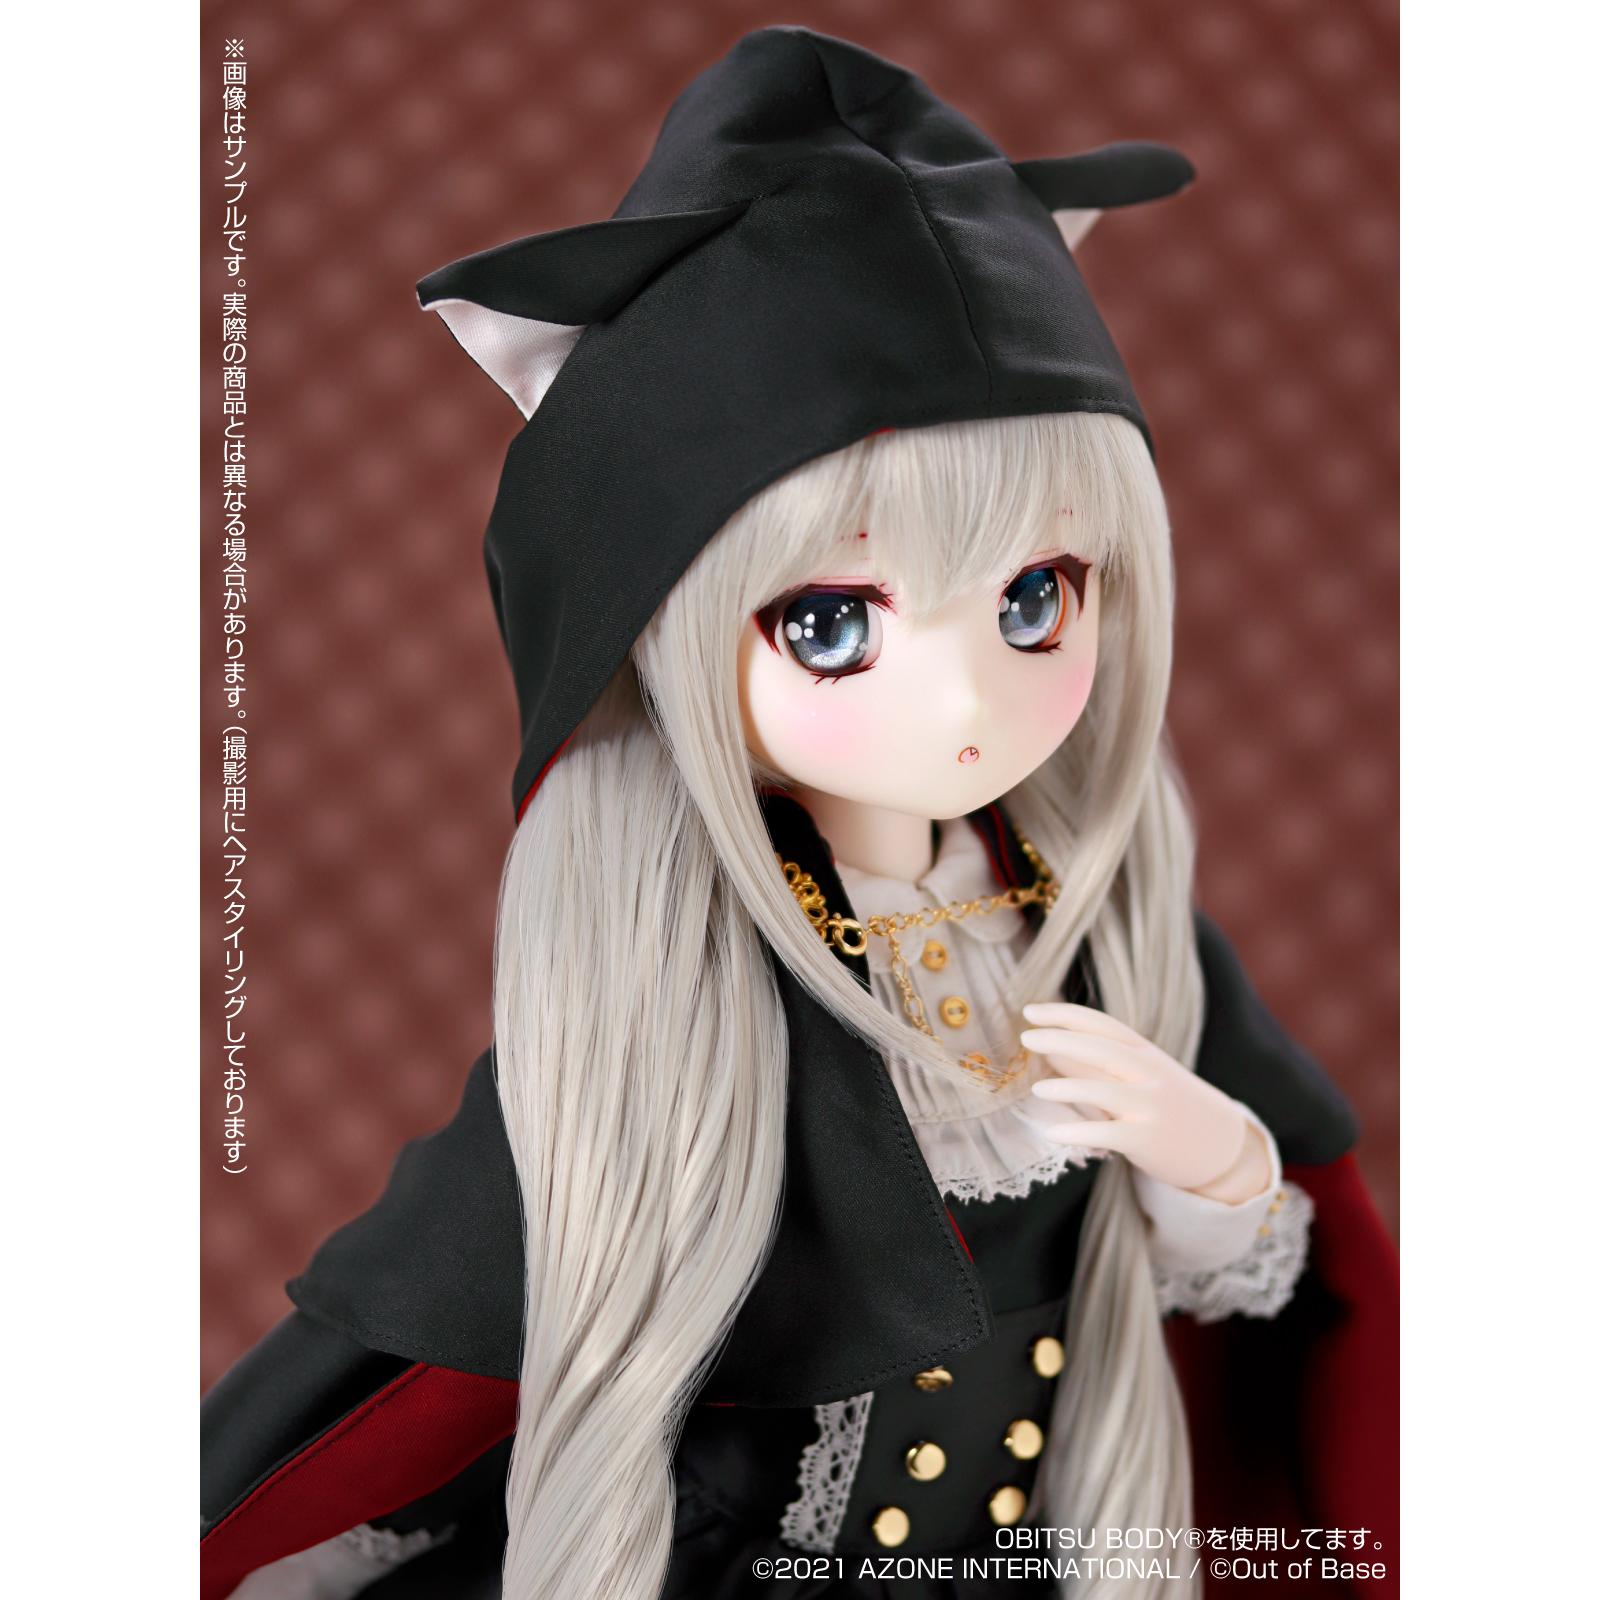 【再販】Iris Collect petit『すずね/~Wonder fraulein~Goth×Loli cats(通常販売ver.)』アイリスコレクト プチ 1/3 完成品ドール-011